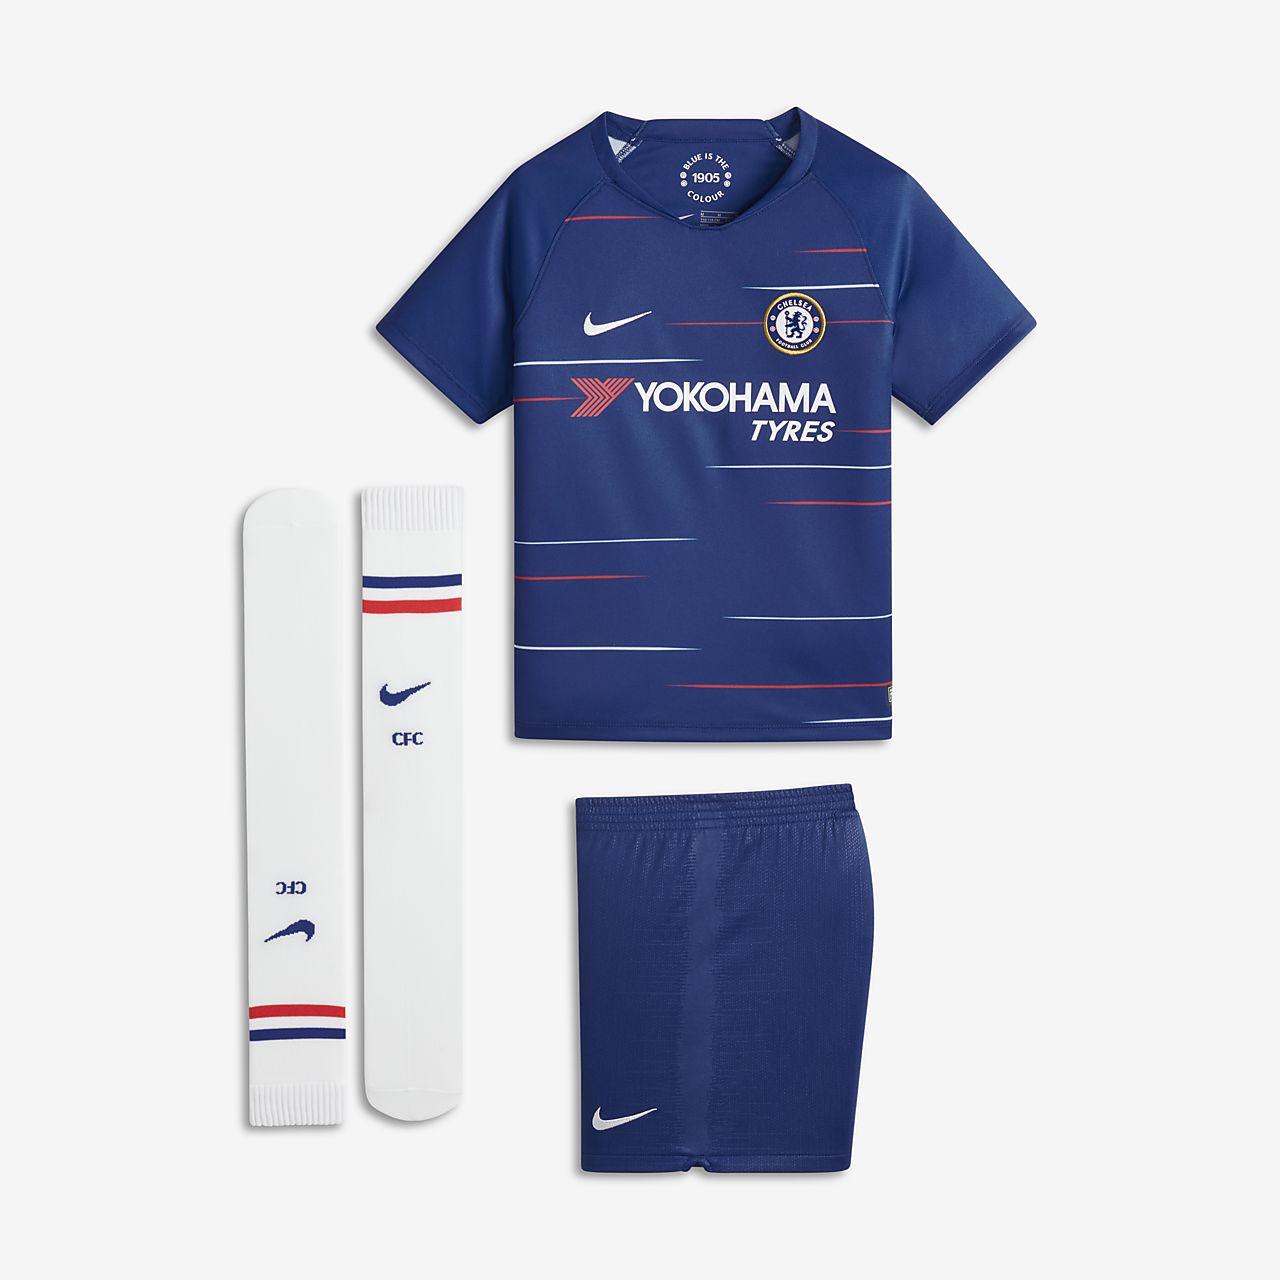 Uniforme de fútbol para niños talla pequeña 2018/19 Chelsea FC Stadium Home